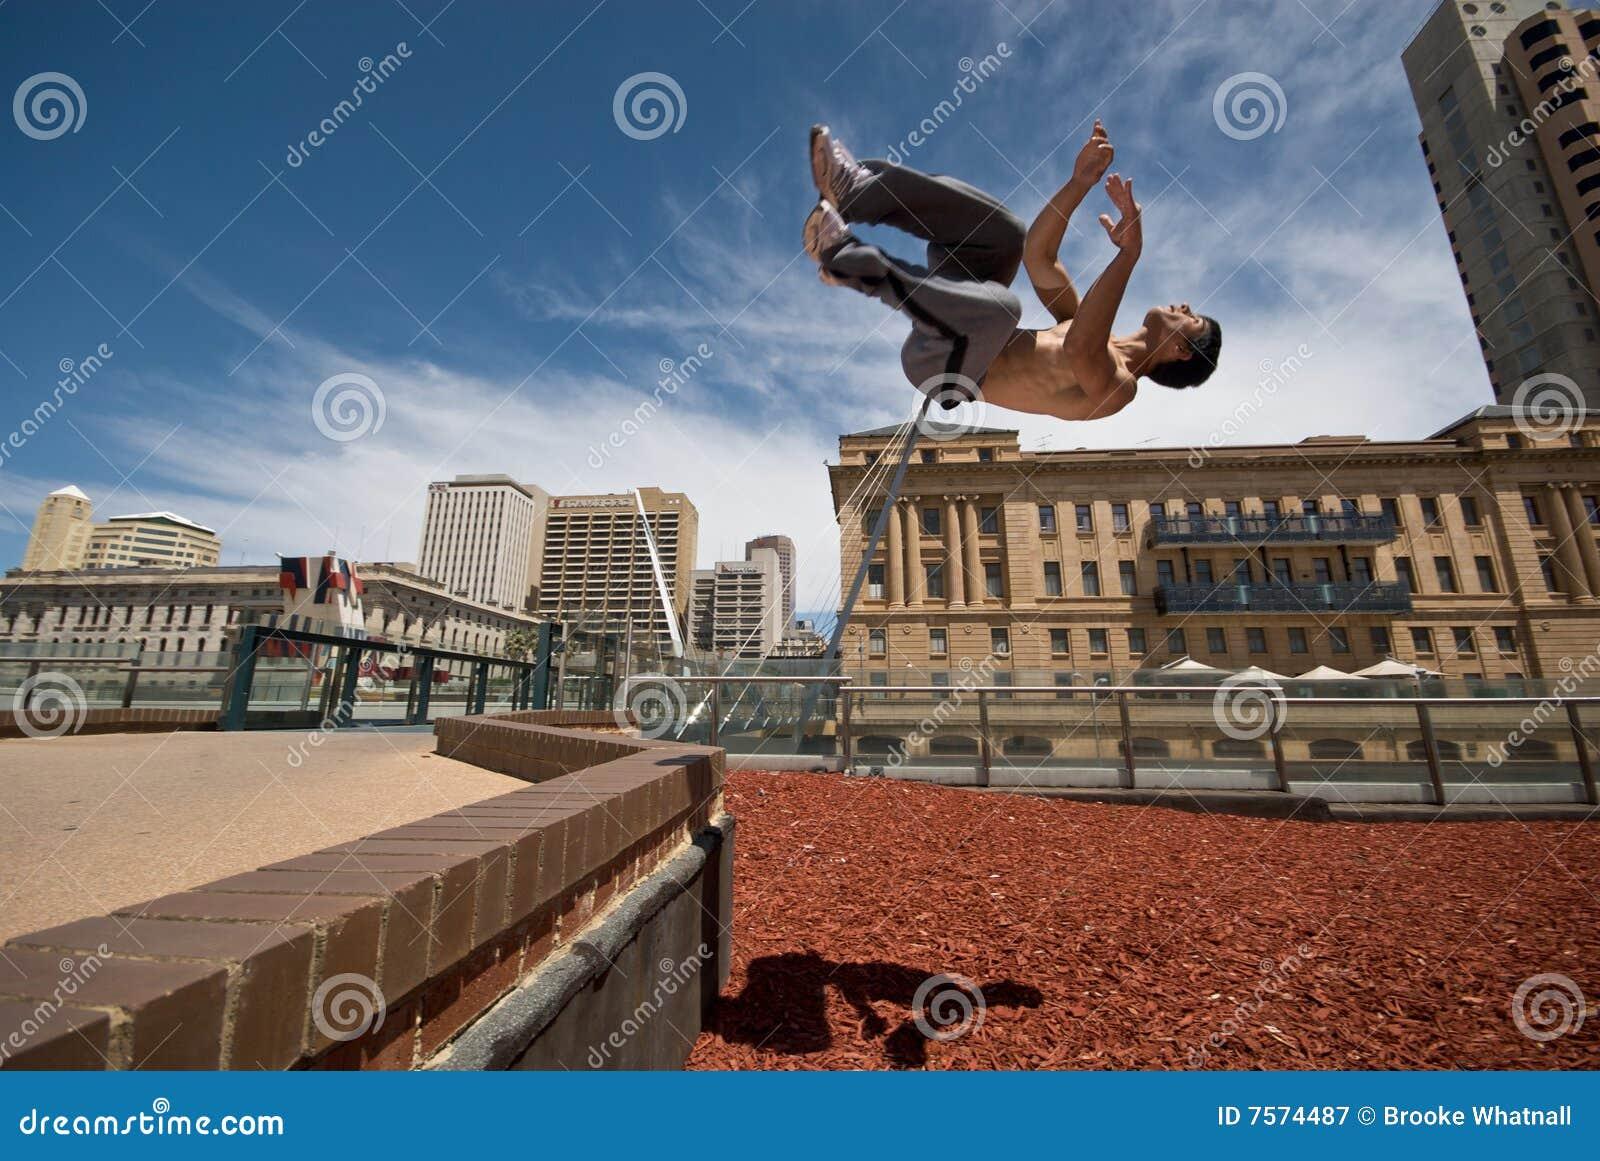 Lancia il gymnast fuori dalla parete